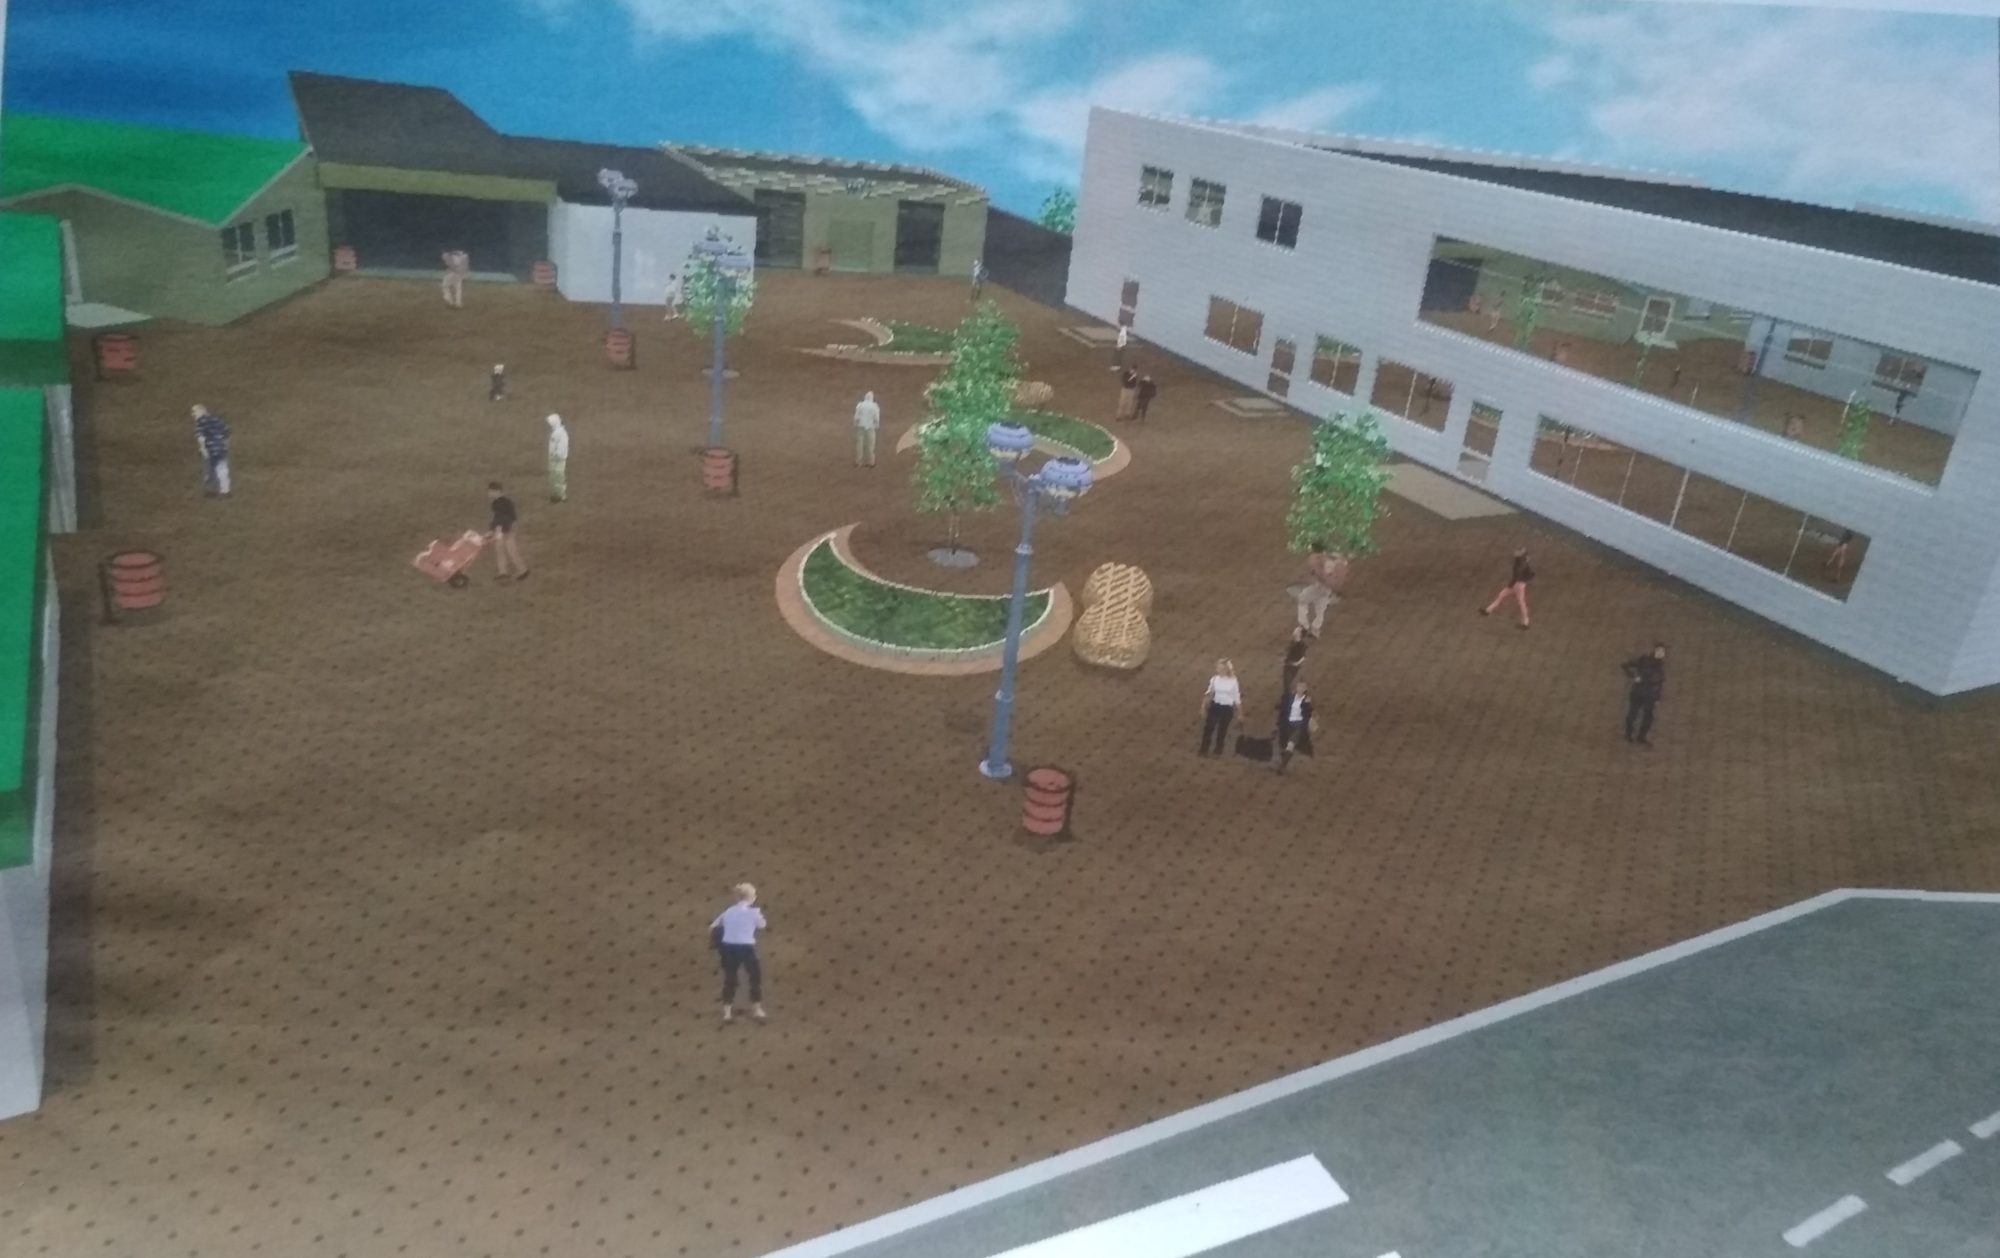 Реконструкція Завокзальної площі Фастова: фастівчанам показали проект площі - Фастів, реконструкція - IMG 20190807 161943 2000x1258